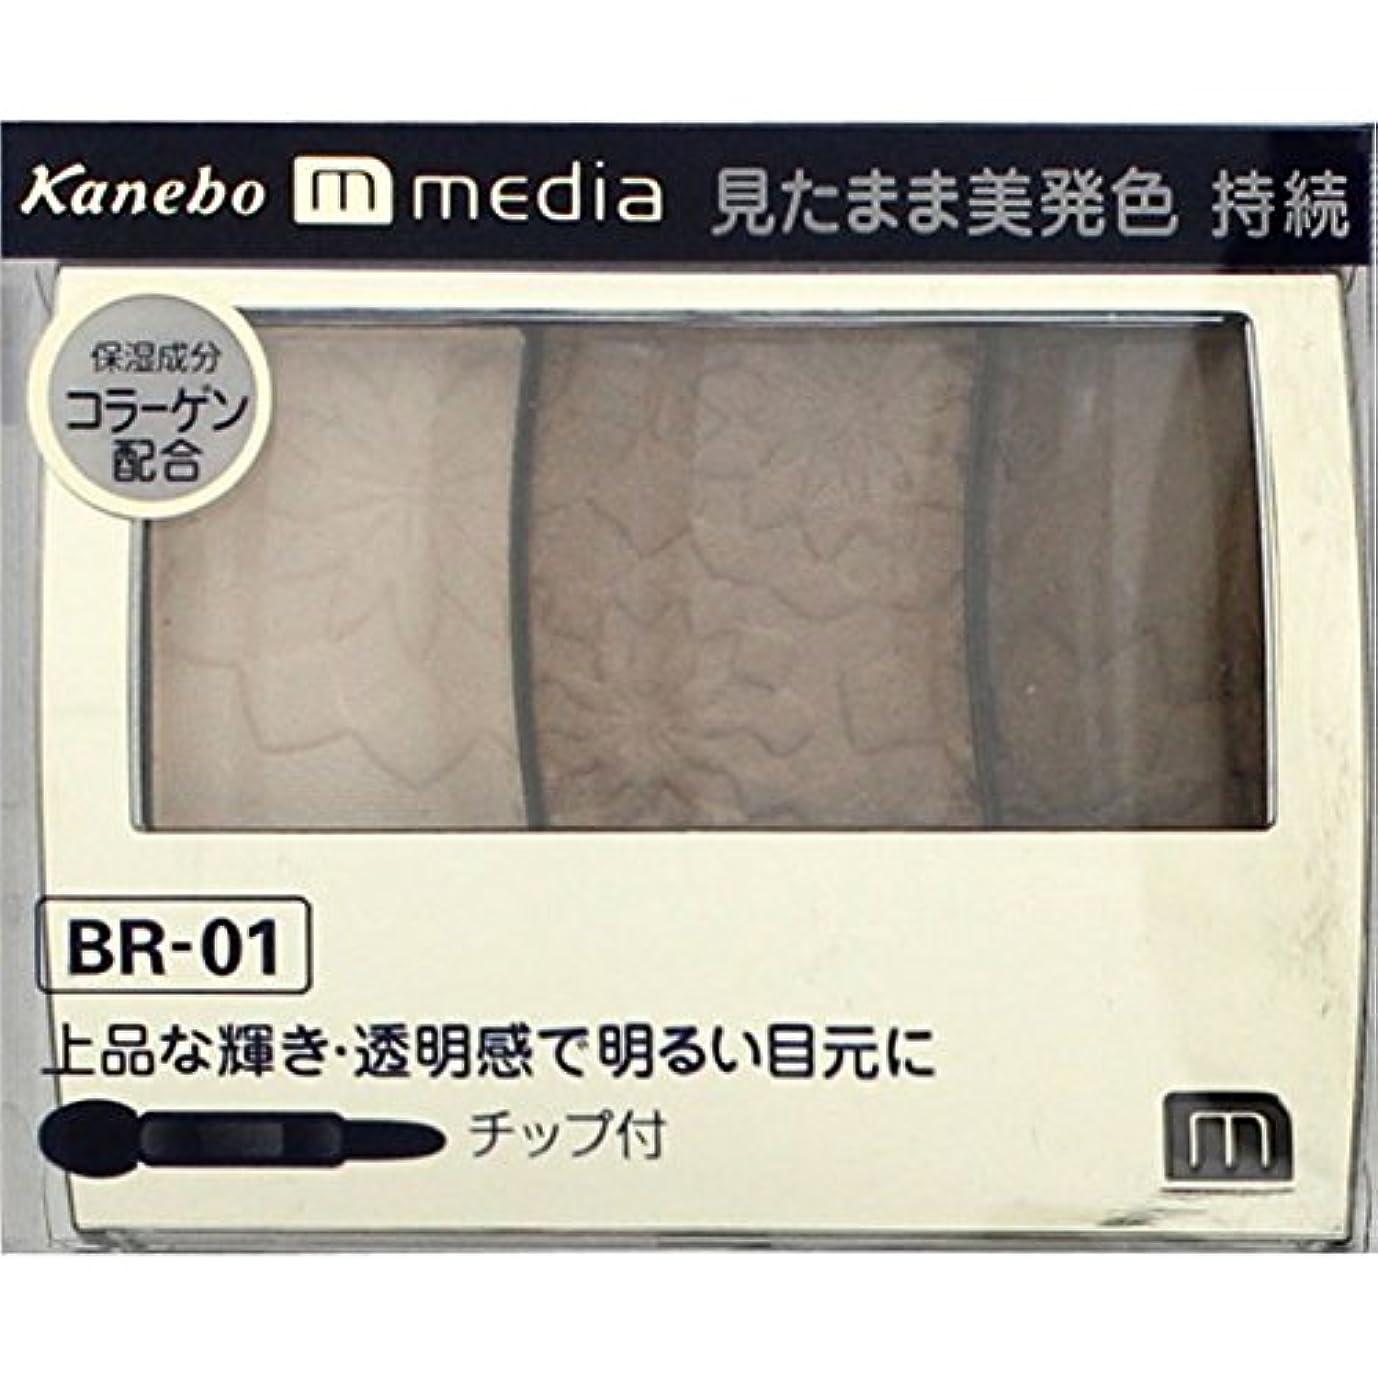 ミントリーズ息切れ【カネボウ】 メディア グラデカラーアイシャドウ BR-01